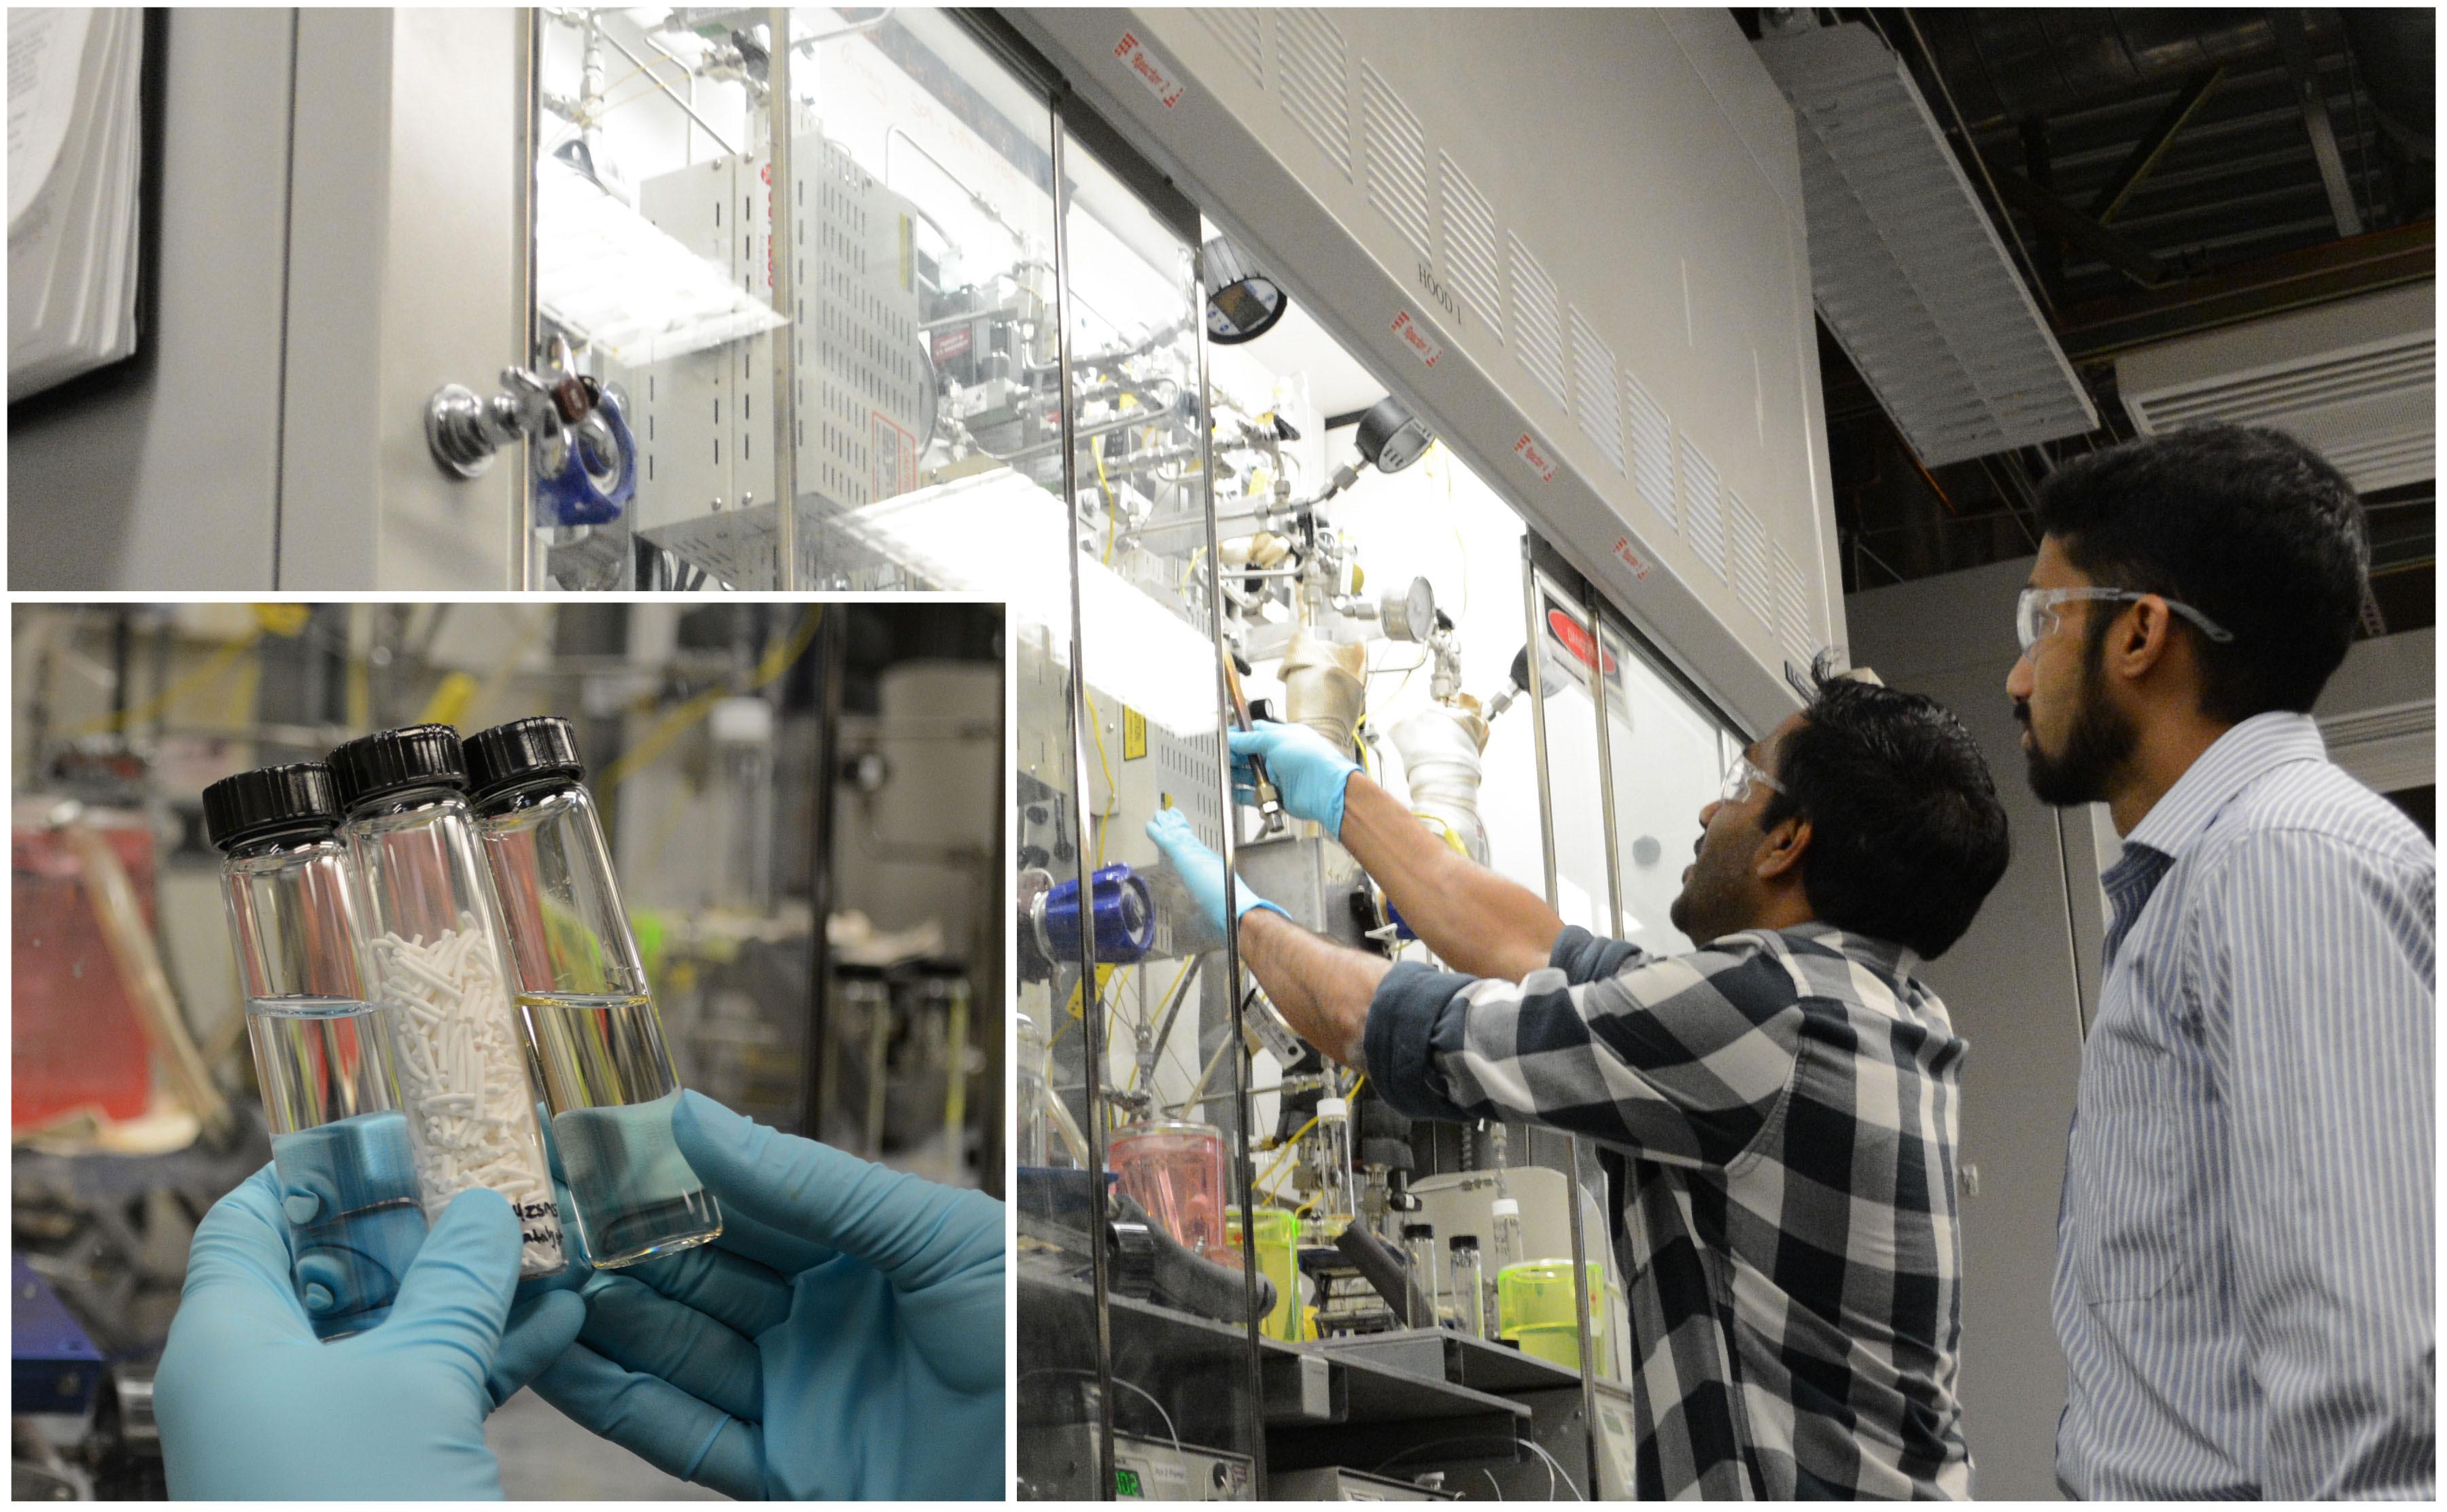 Researchers study zeolite catalysts